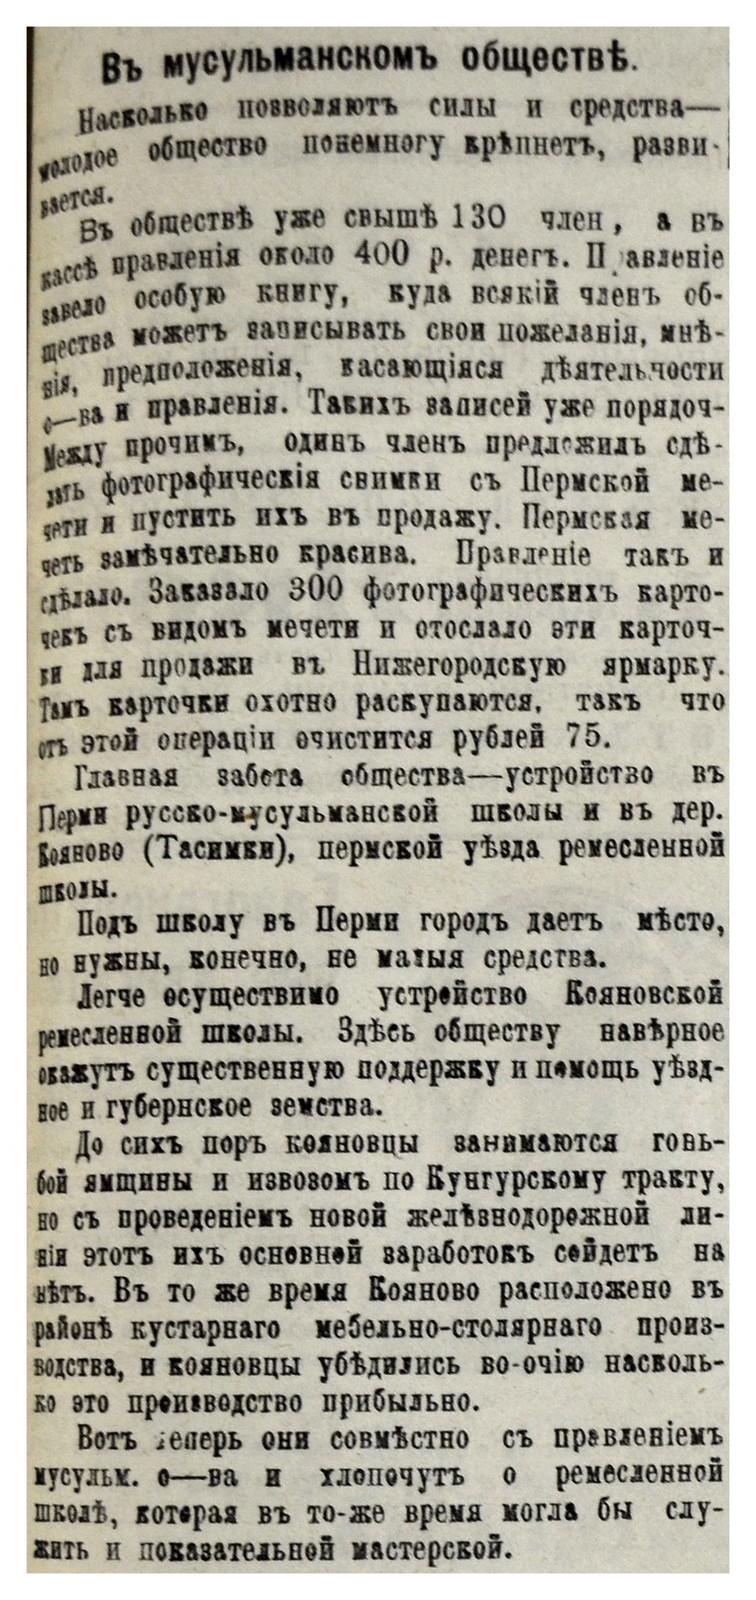 1908-09-05. № 193. Уральский край. В мусульманском обществе